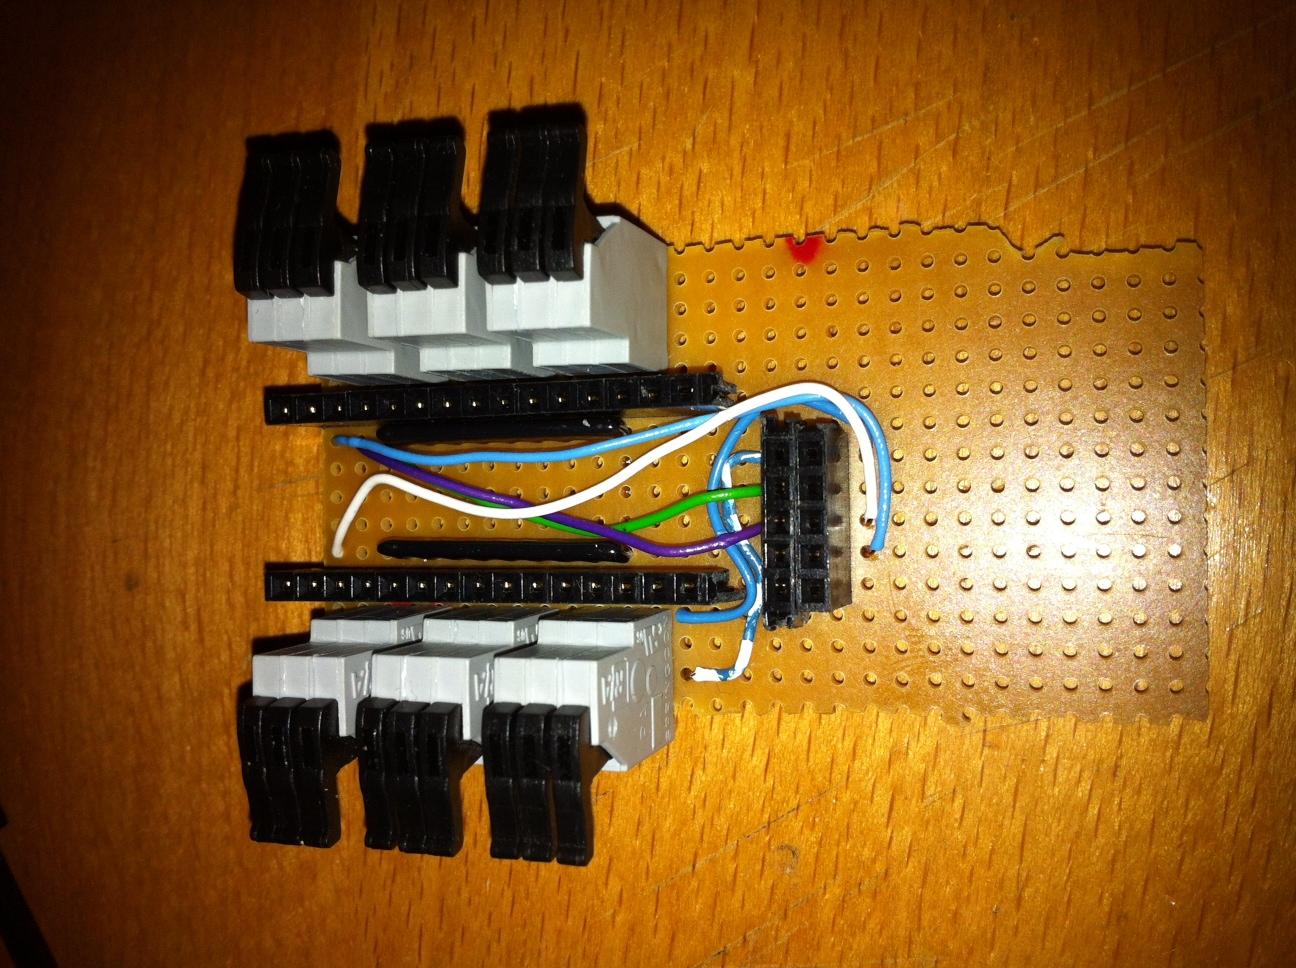 Quelque chose de nouveau assez Montage Domotique Arduino &CS38 | Aieasyspain @AX_68